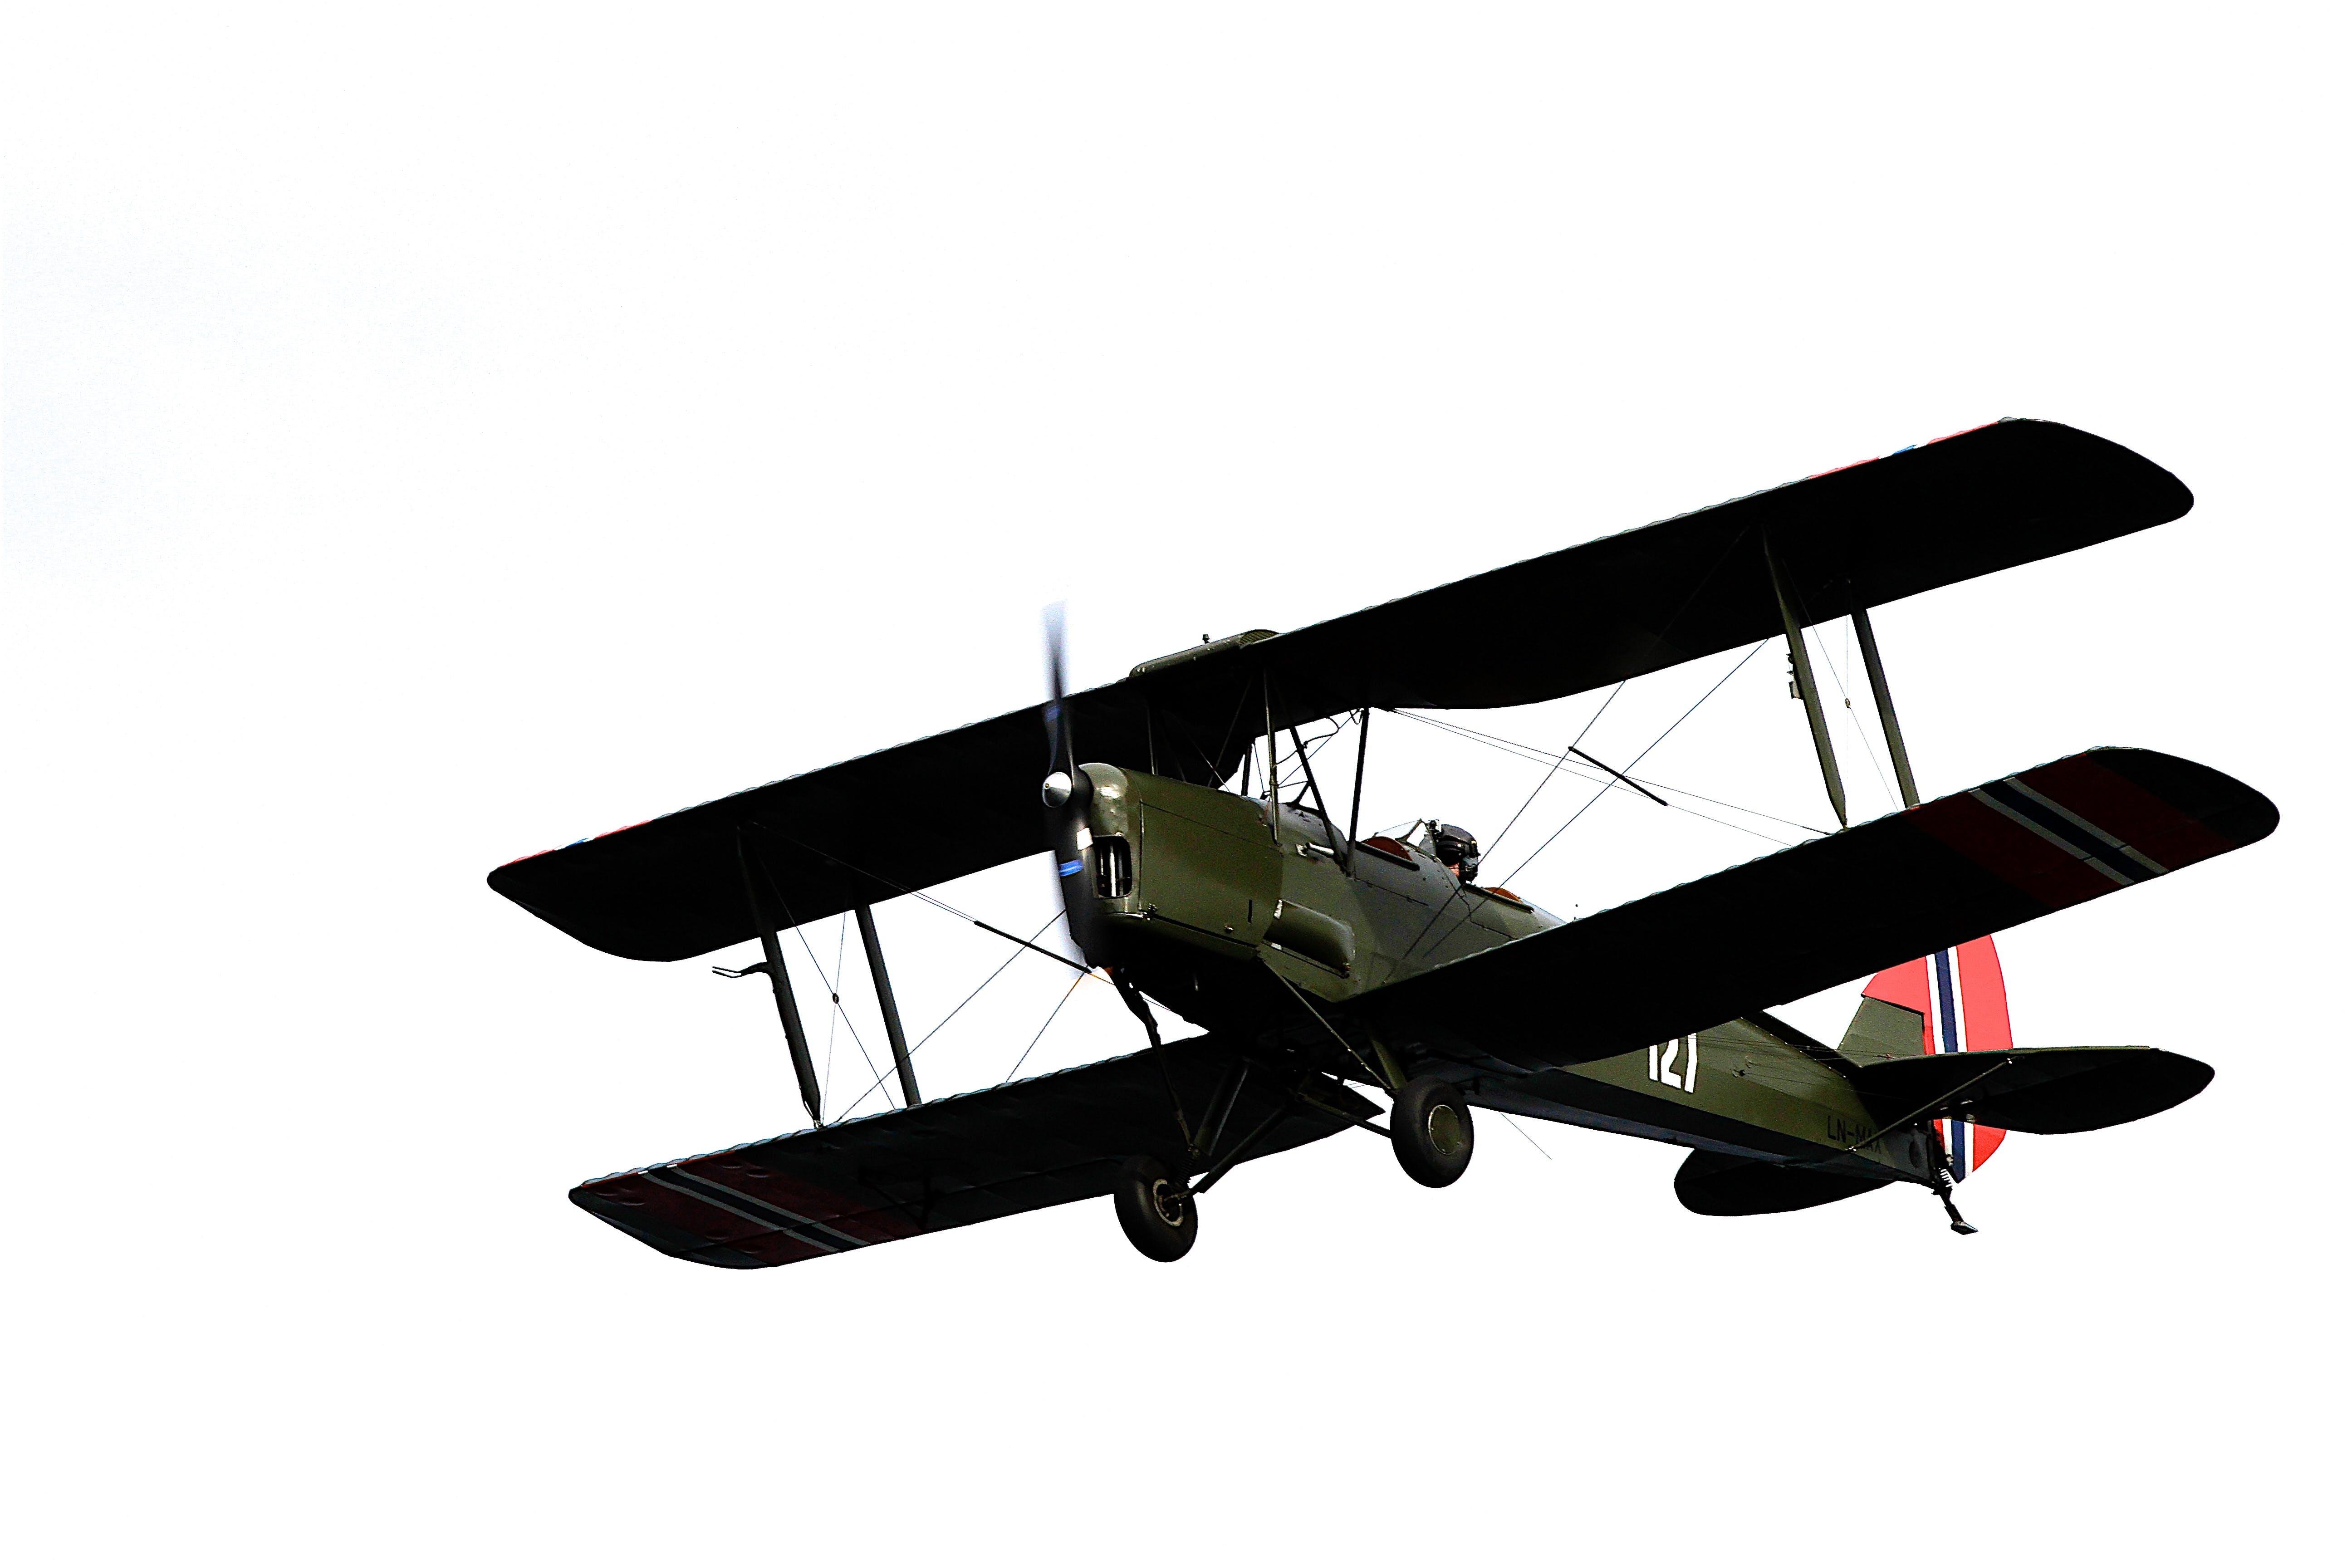 天空, 平面, 航空, 航空器 的 免费素材照片